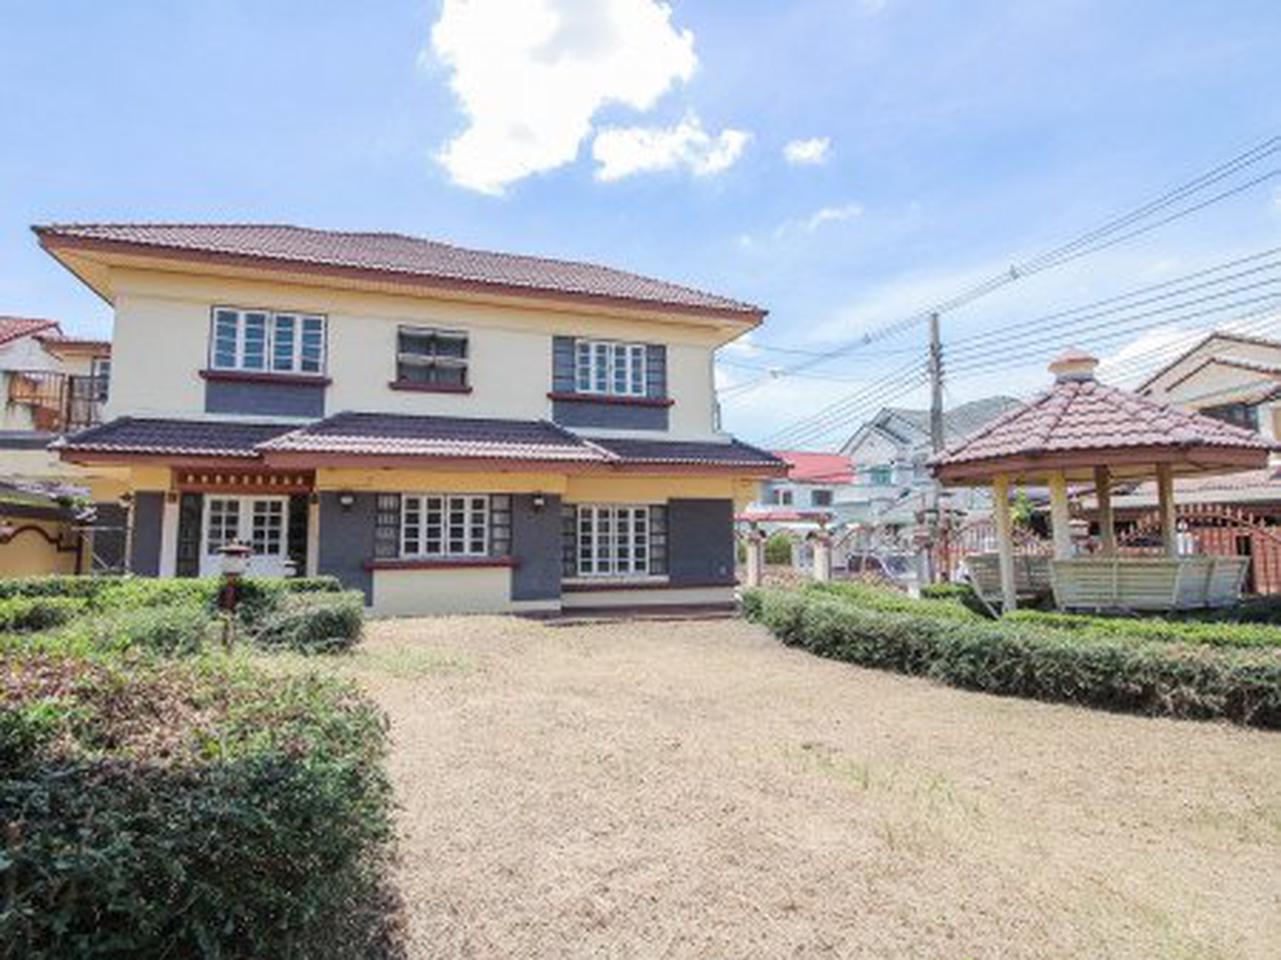 ขาย บ้านเดี่ยว นันทวัน คู้บอน  346 ตร.วา นันทวัน คู้บอน รูปที่ 2